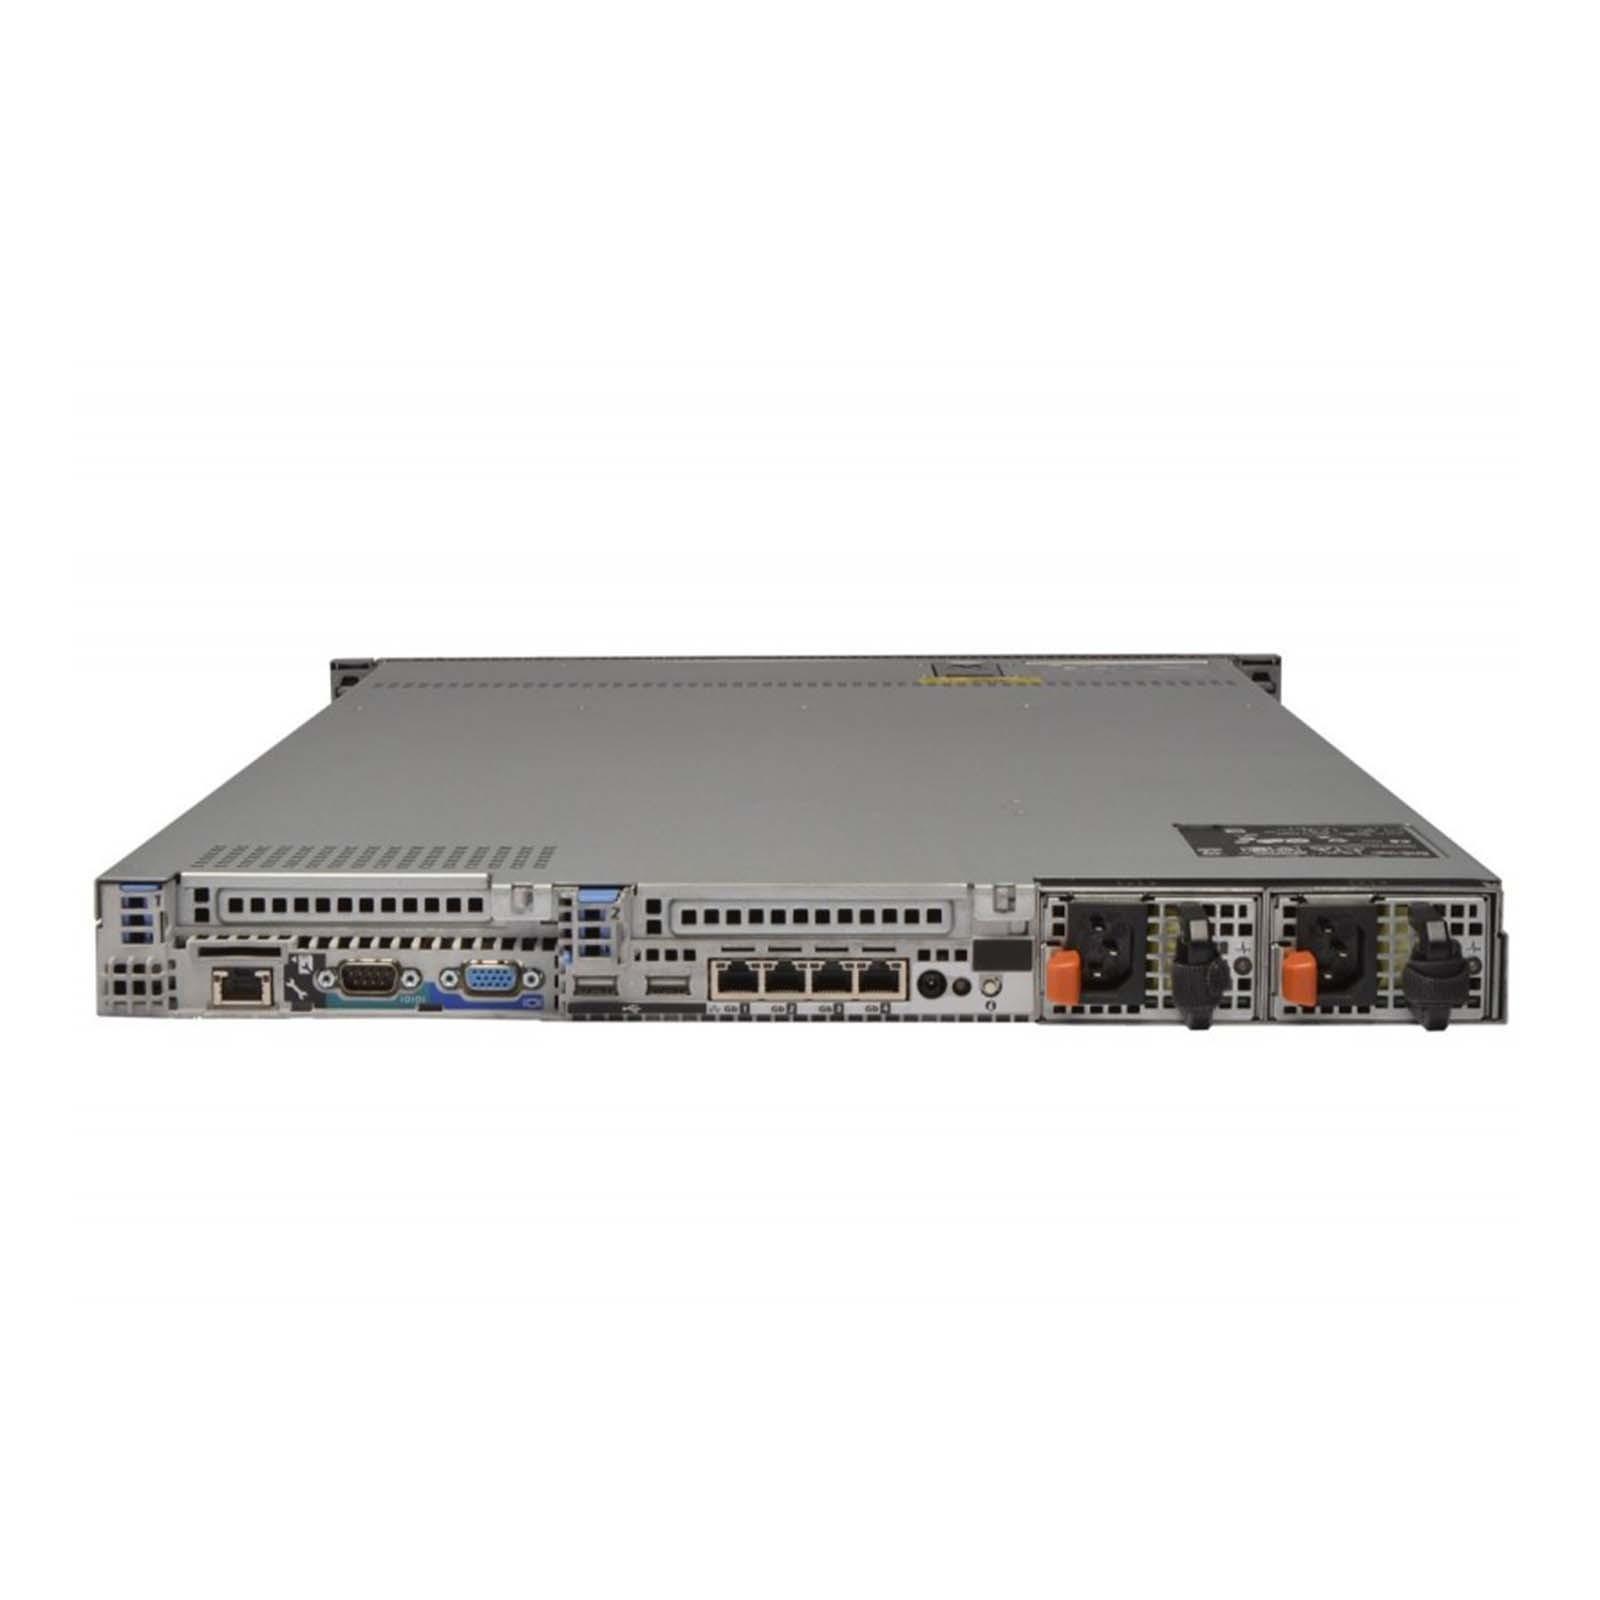 Dell PowerEdge R610 II 1U 6x 2 5 (SFF) Homelab Bundle